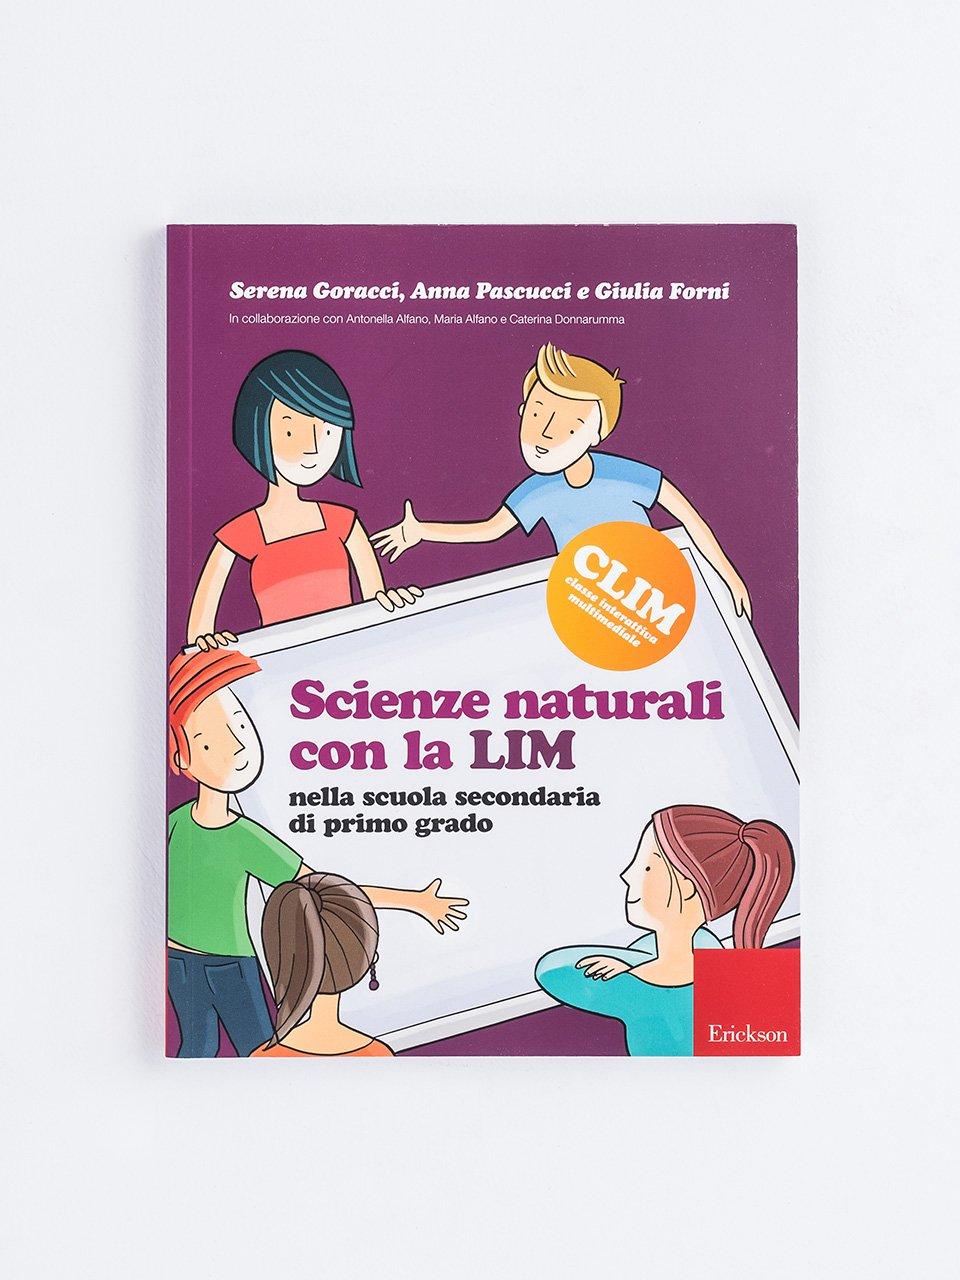 Scienze naturali con la LIM nella scuola secondaria di primo grado - Mia nonna era un pesce - Libri - Erickson